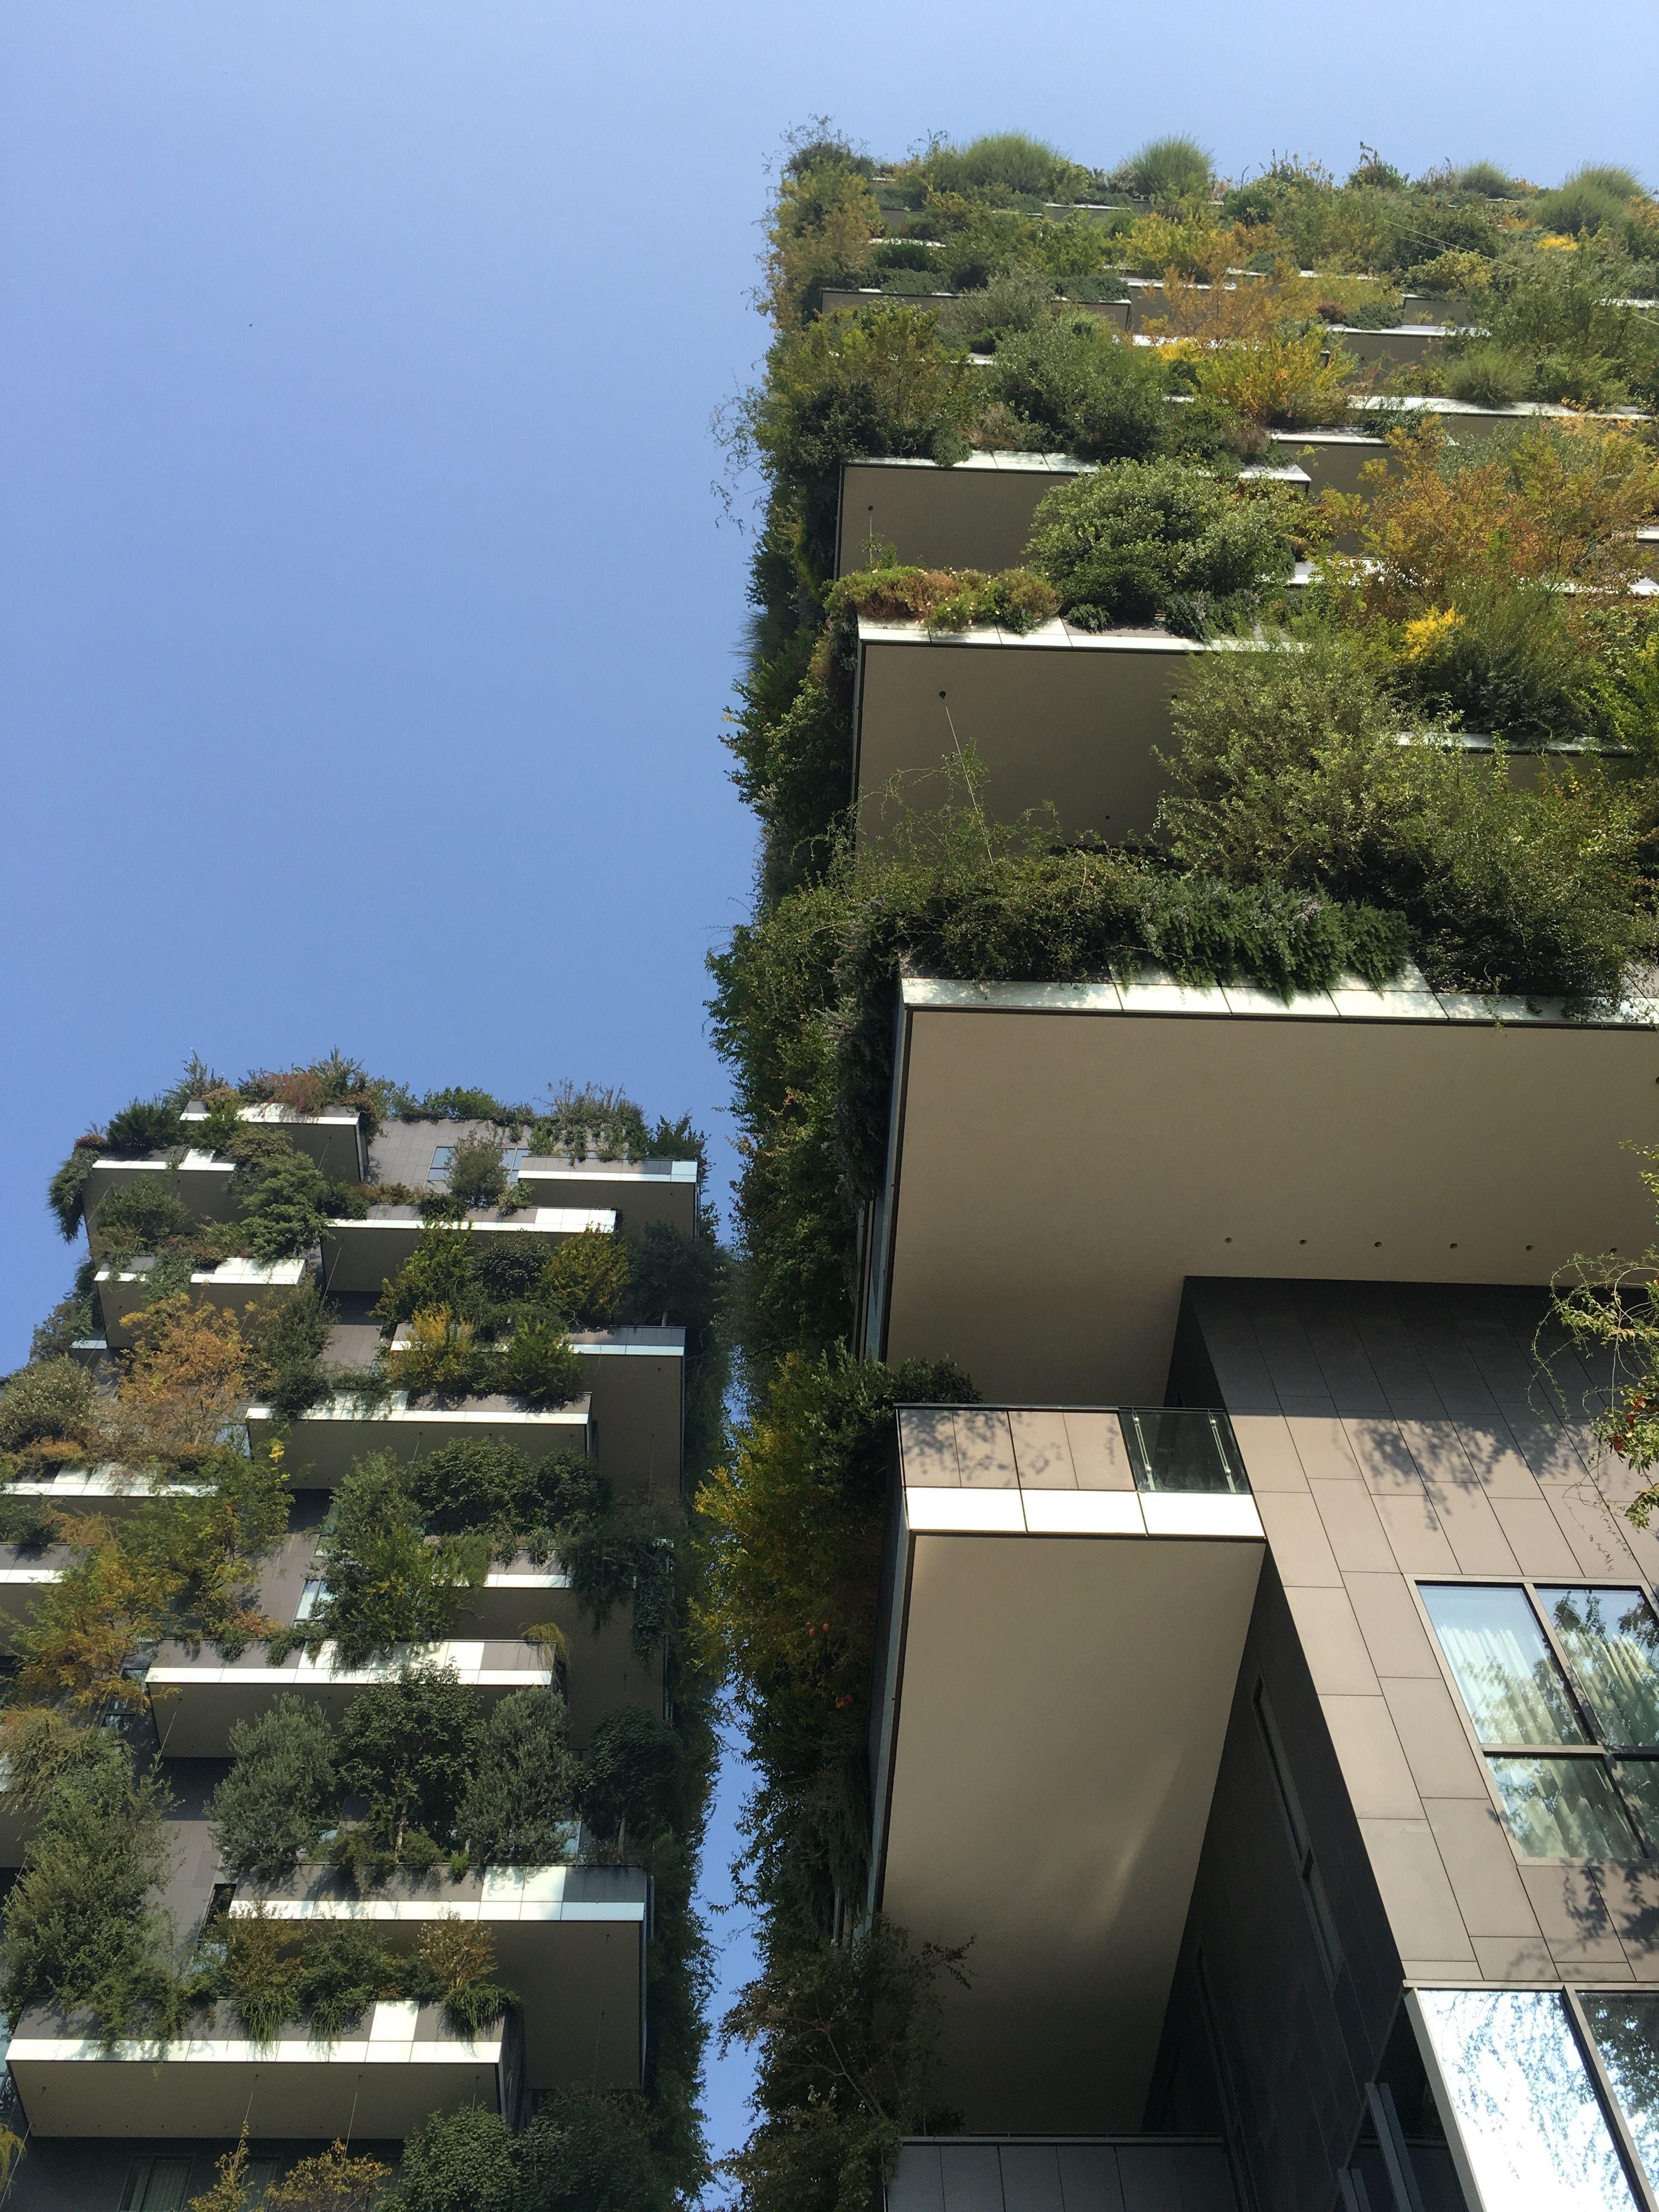 Project Bosco Verticale Architecture Boeri Studio (Arc Boeri, Arc Barreca